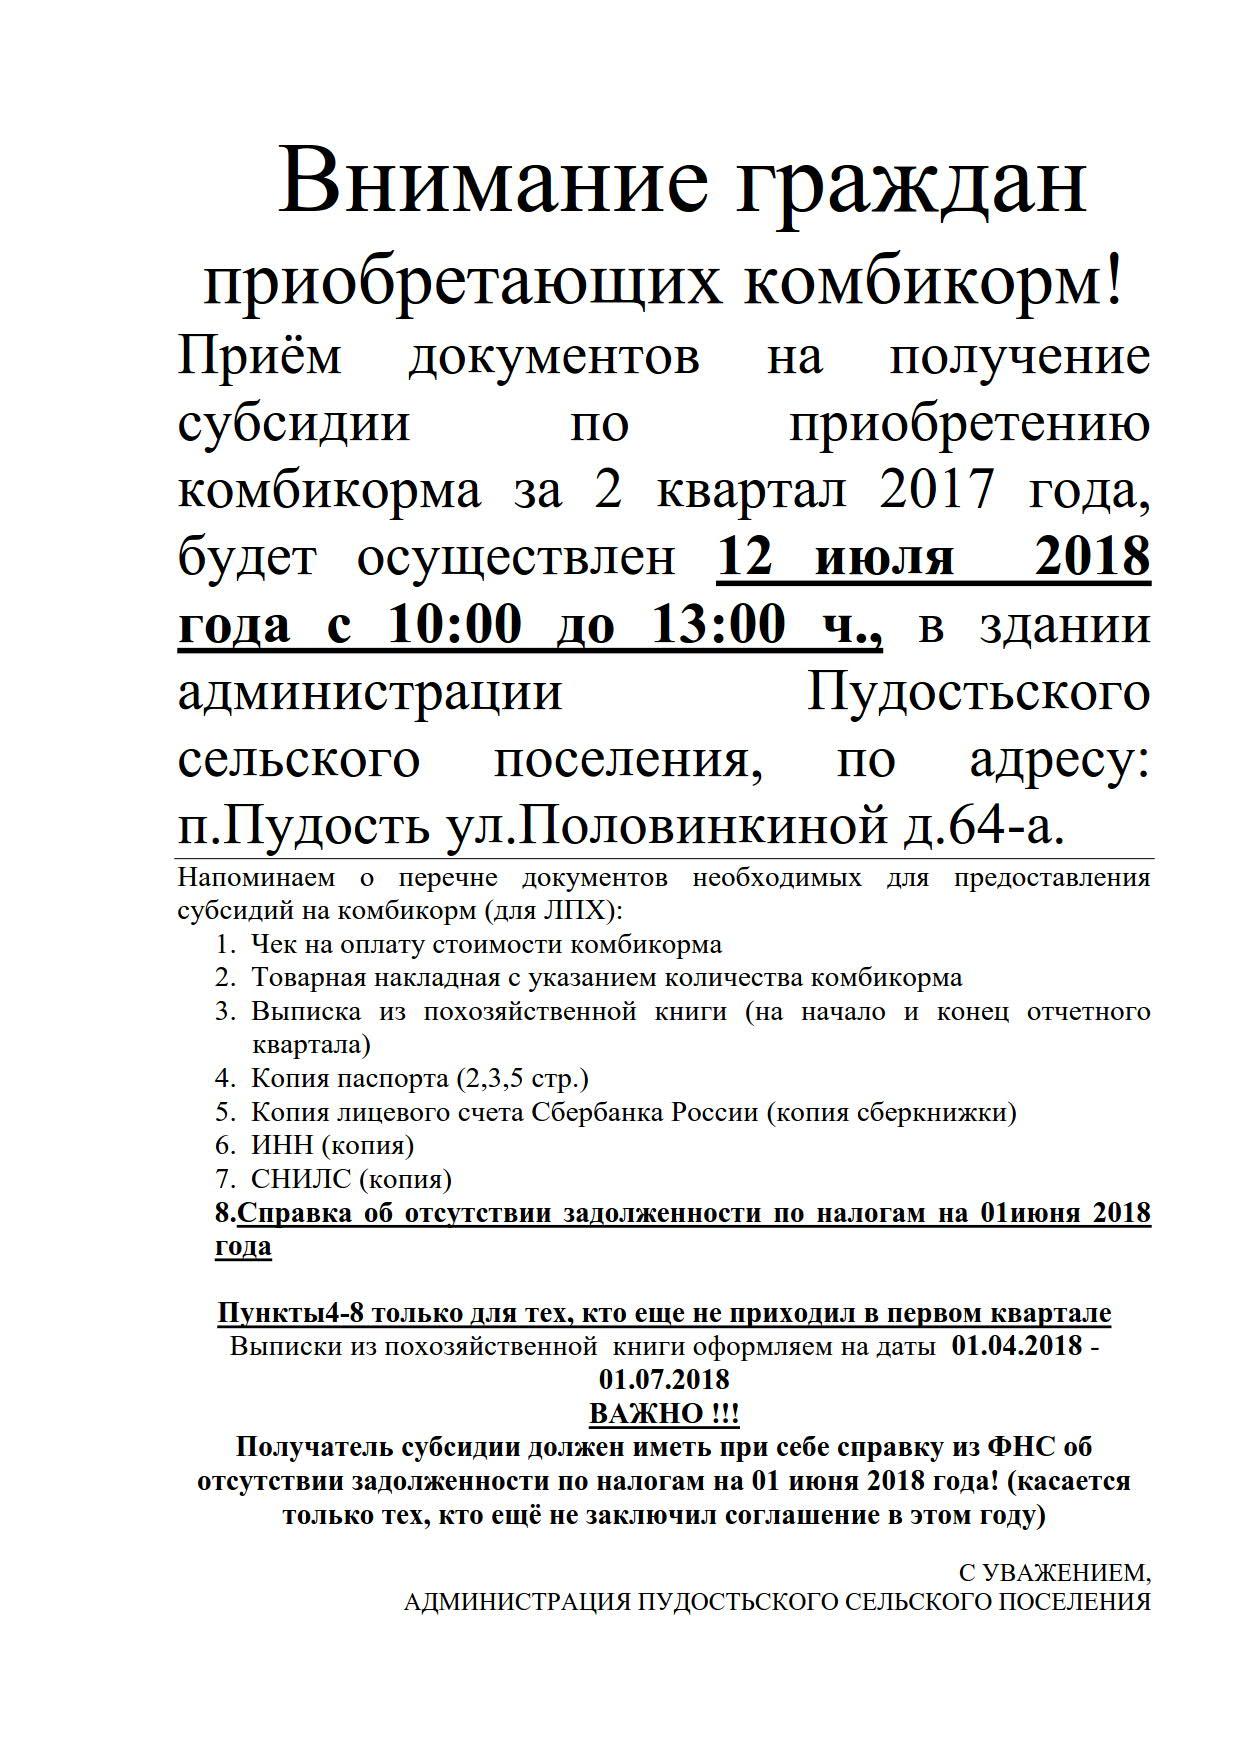 объявление по субсидиям на комбикорма 2 квартал 2018г._1